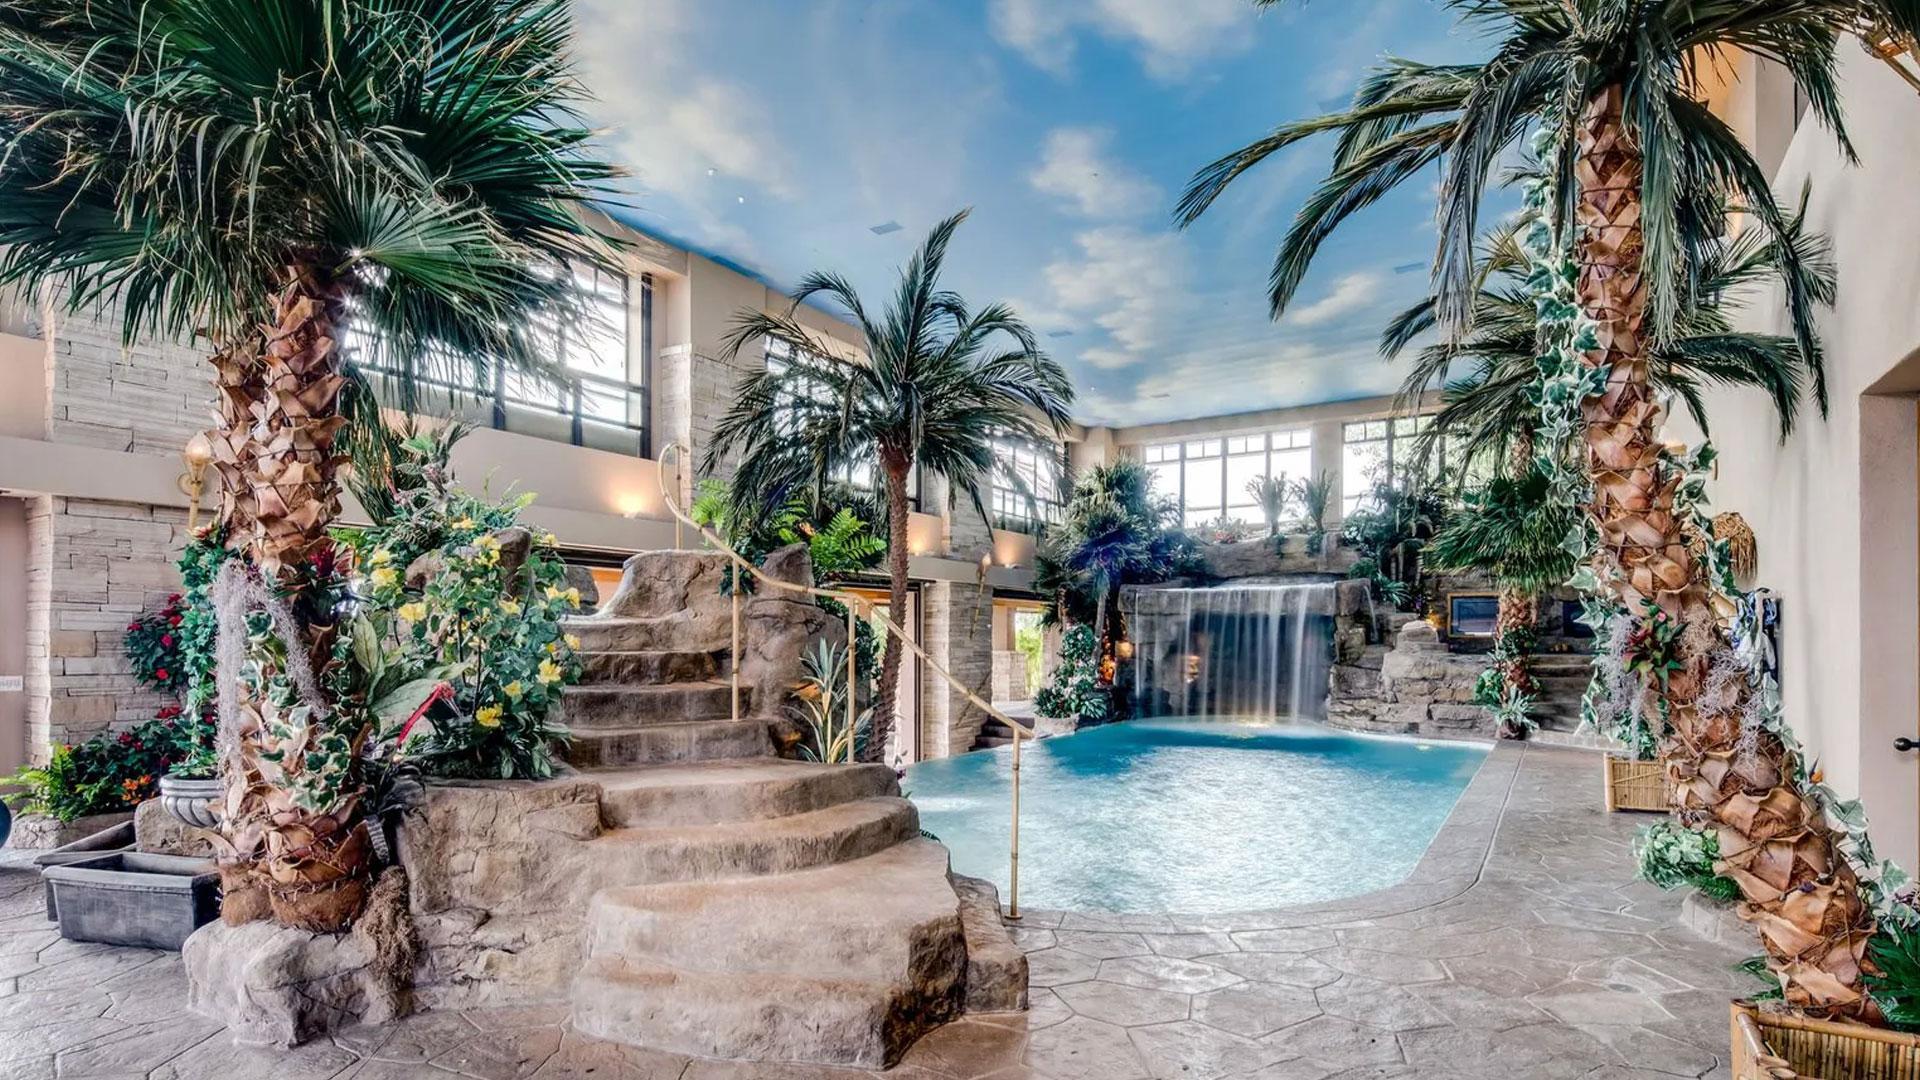 Zwembad in huis met garage voor 100 auto's